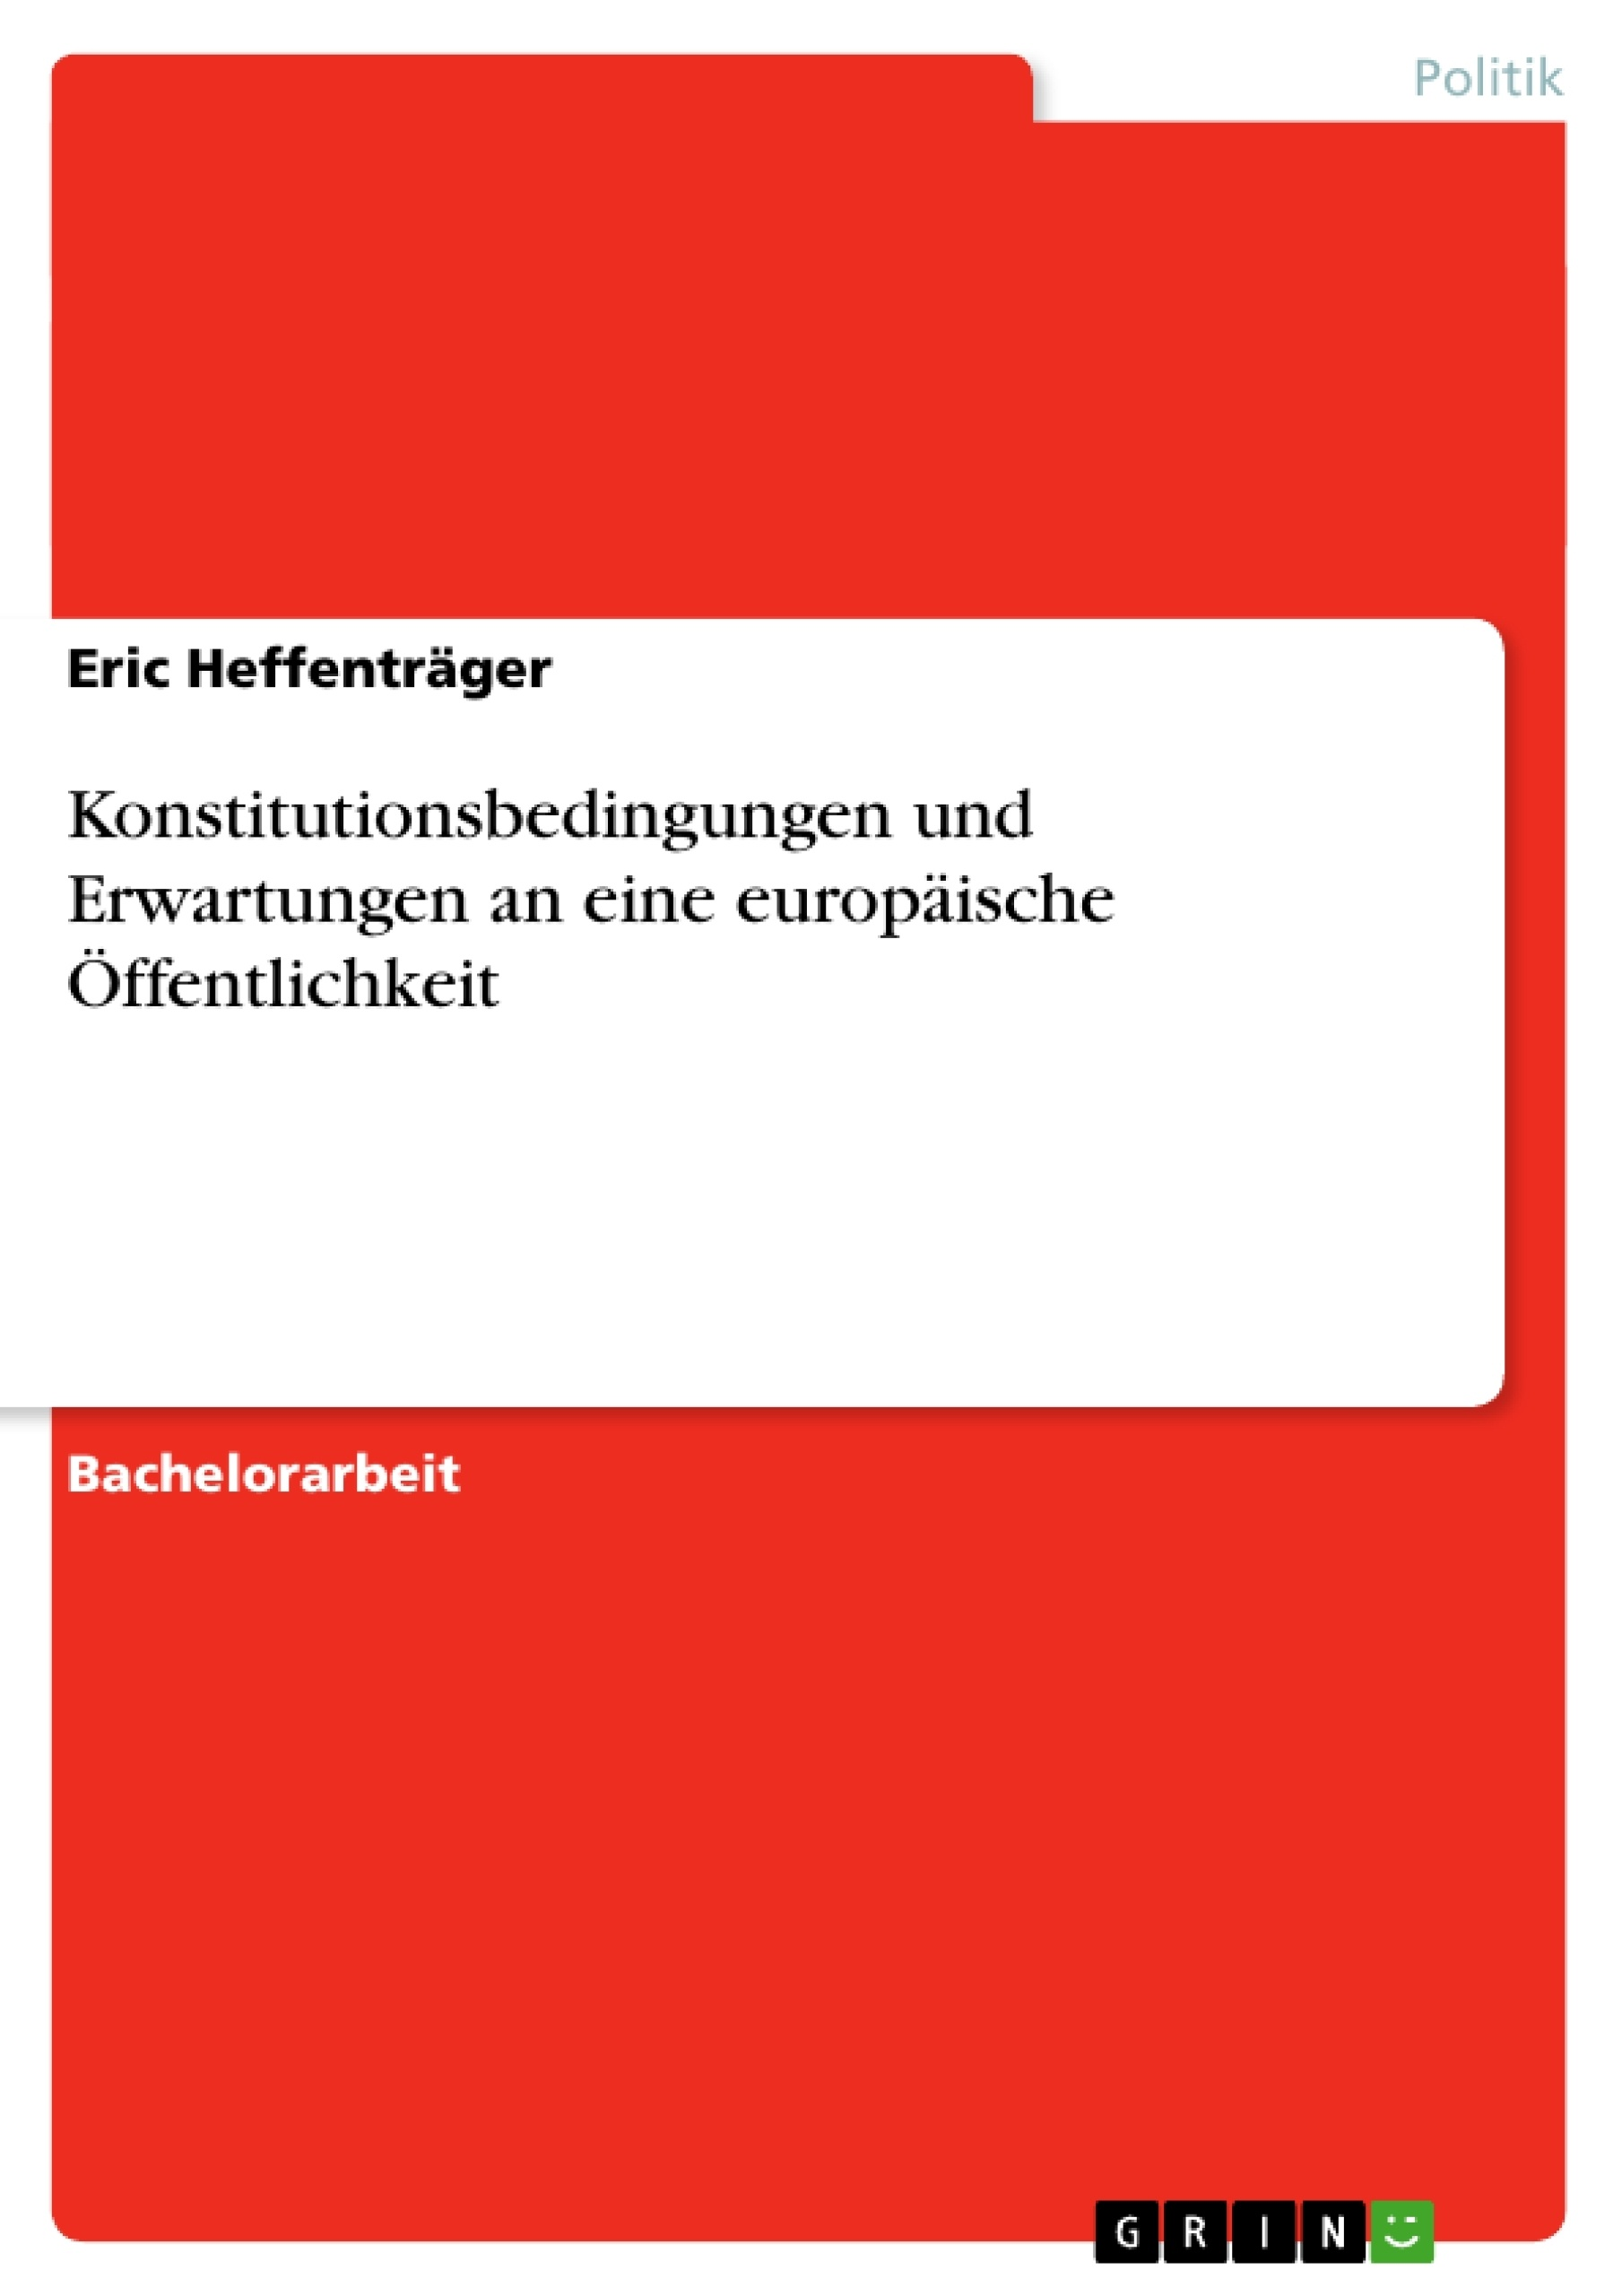 Titel: Konstitutionsbedingungen und Erwartungen an eine europäische Öffentlichkeit